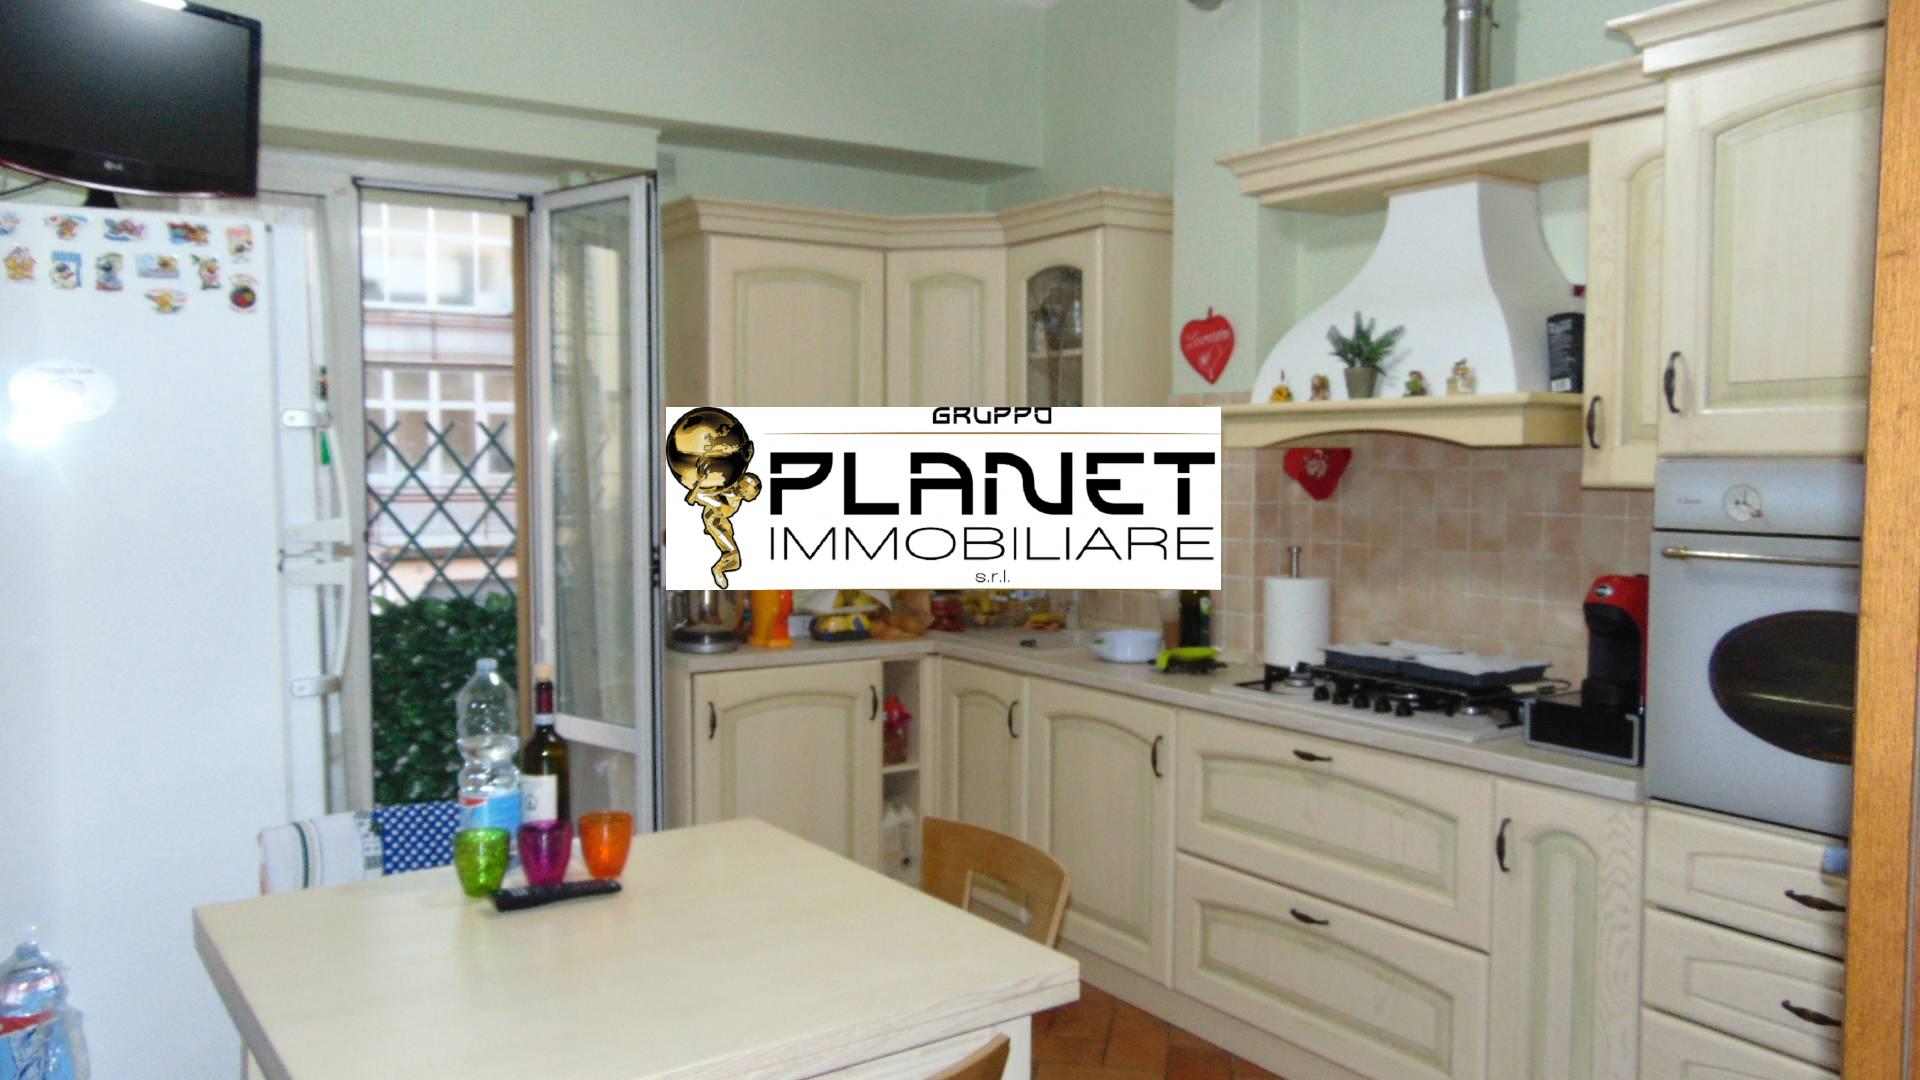 arezzo vendita quart: zona giotto gruppo-planet-immobiliare-s.r.l.